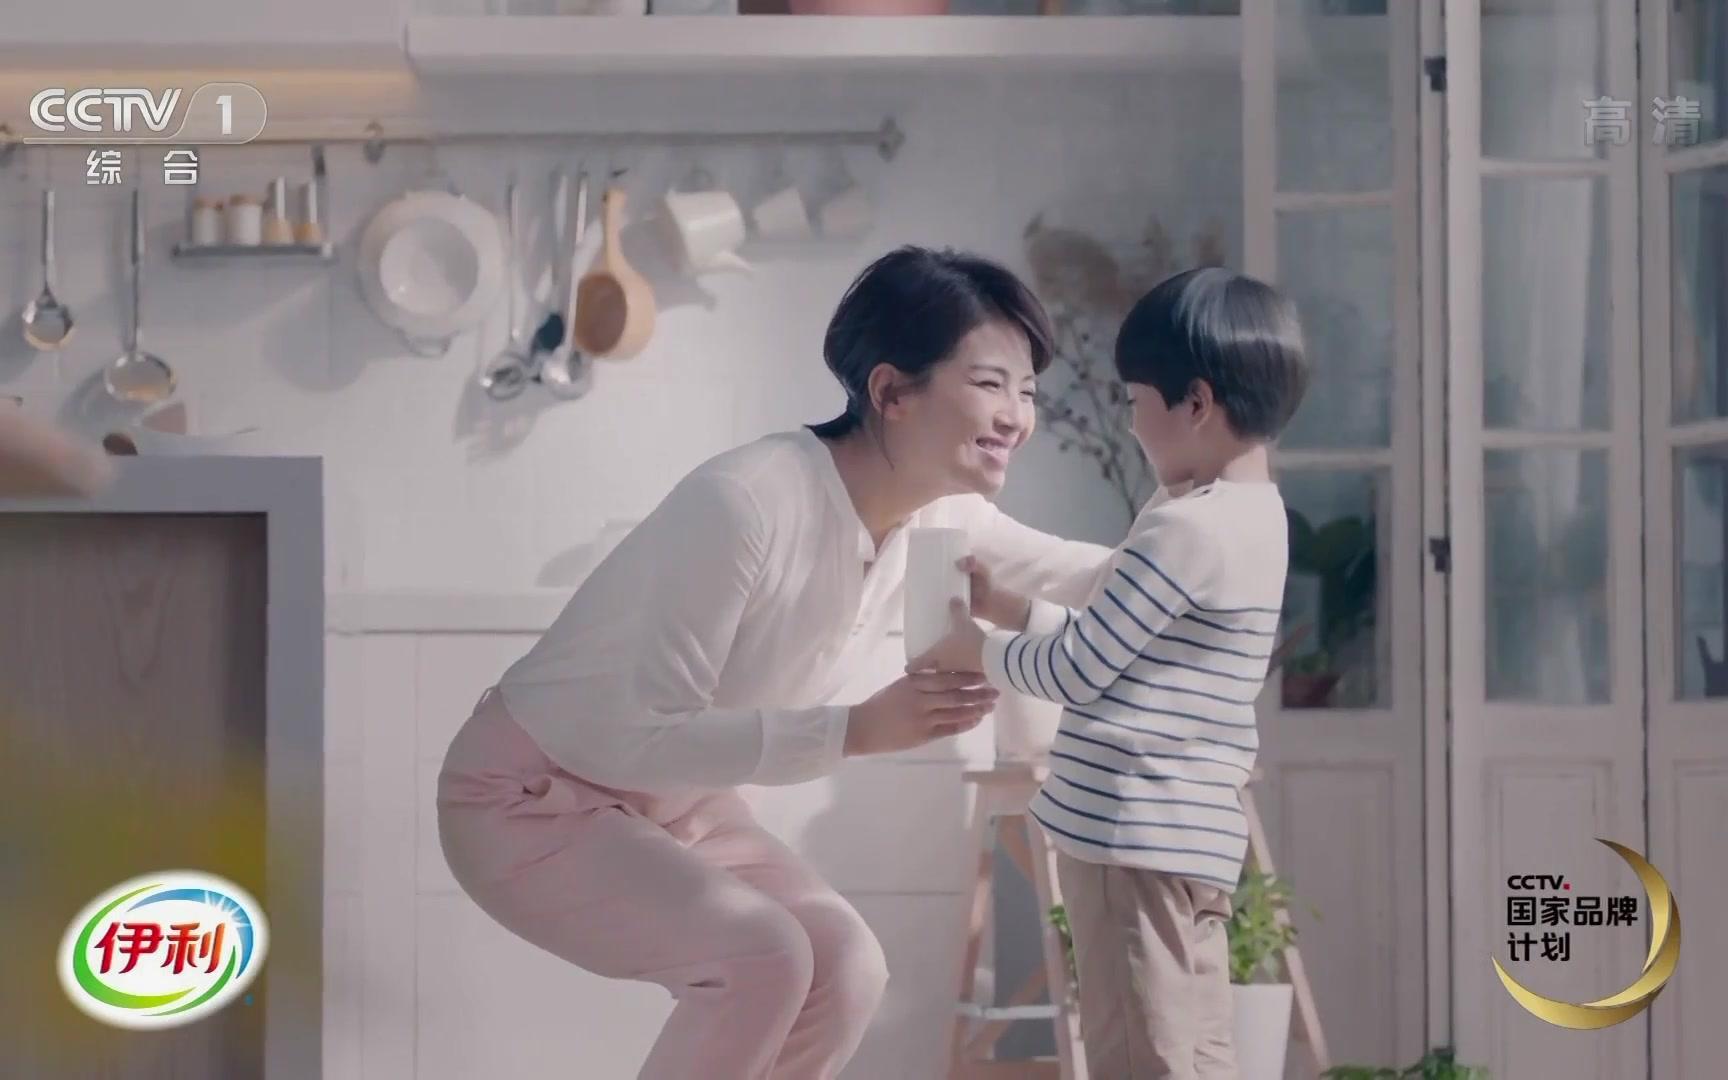 央视广告欣赏-伊利纯牛奶